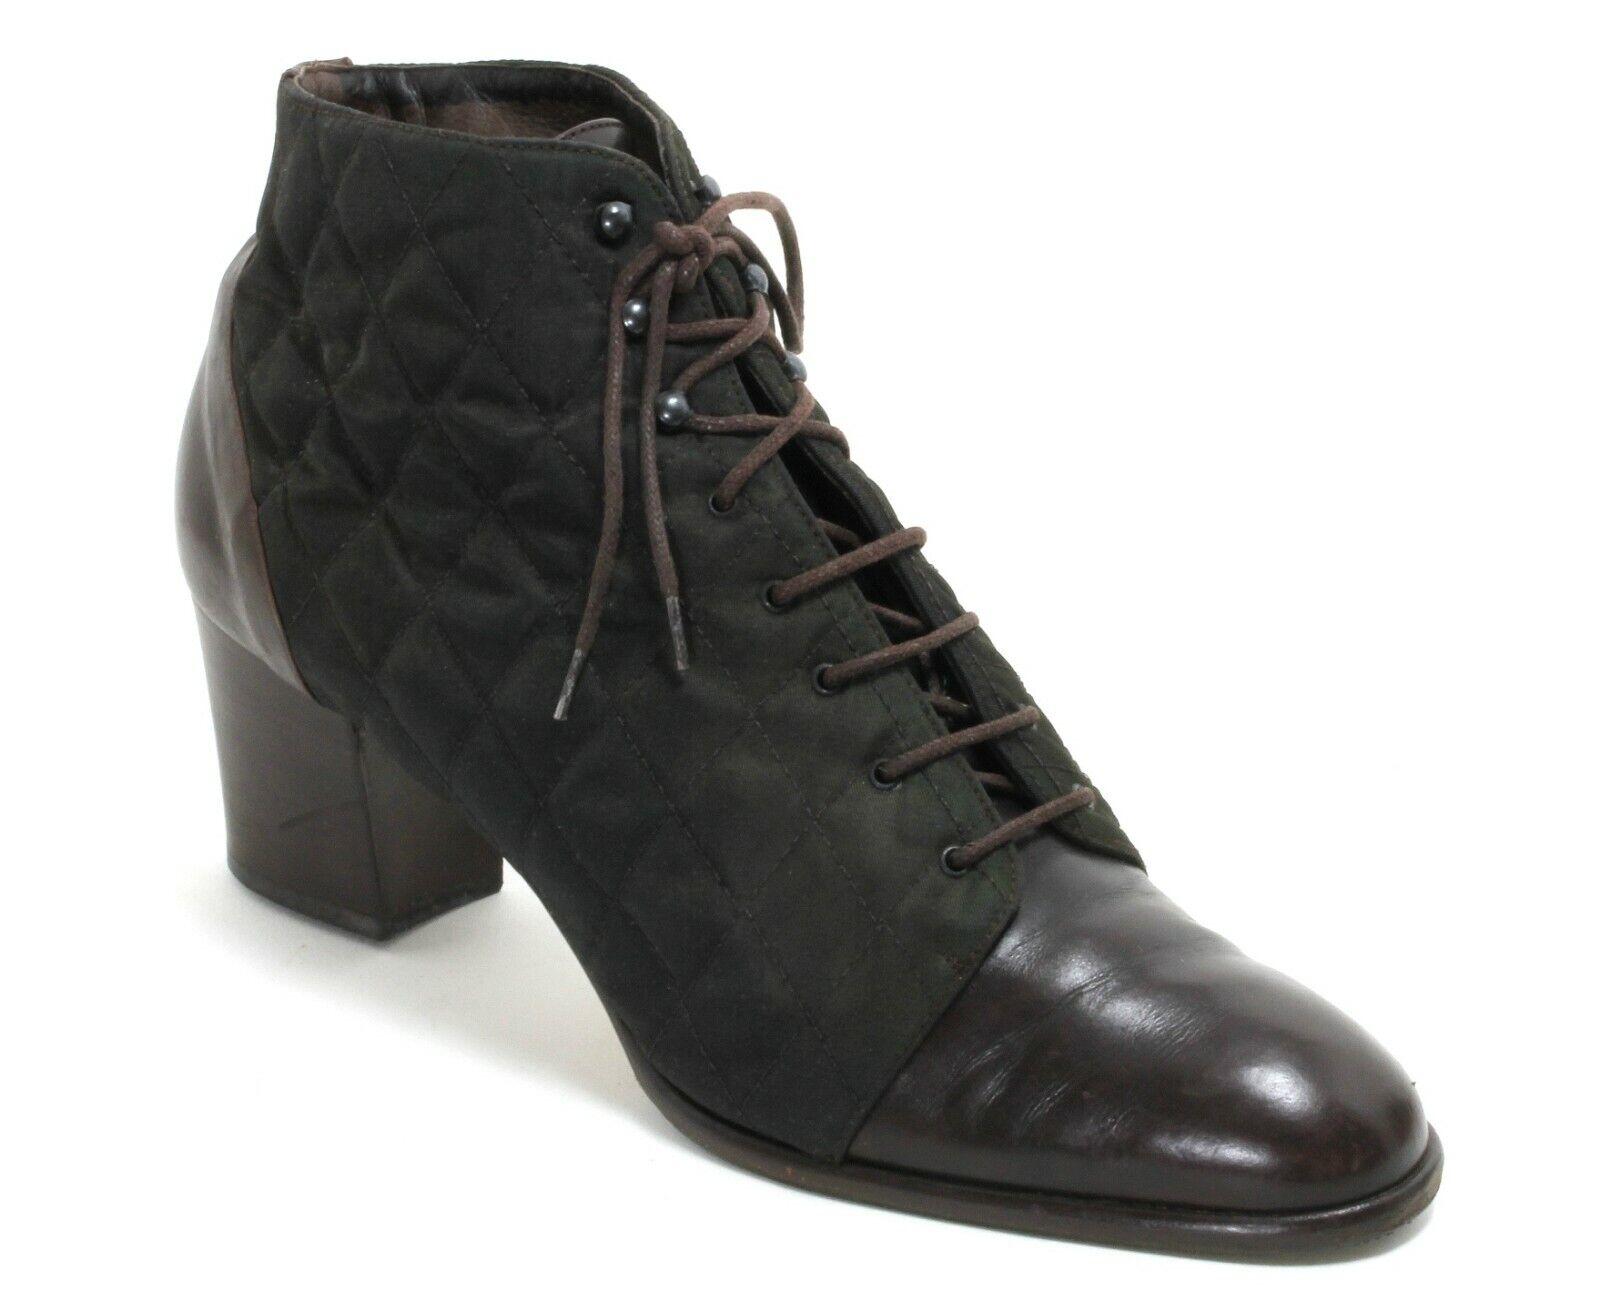 Schnürzapatos ata zapatos Vintage zapato bajo maripé blogueros 41,5 - 42